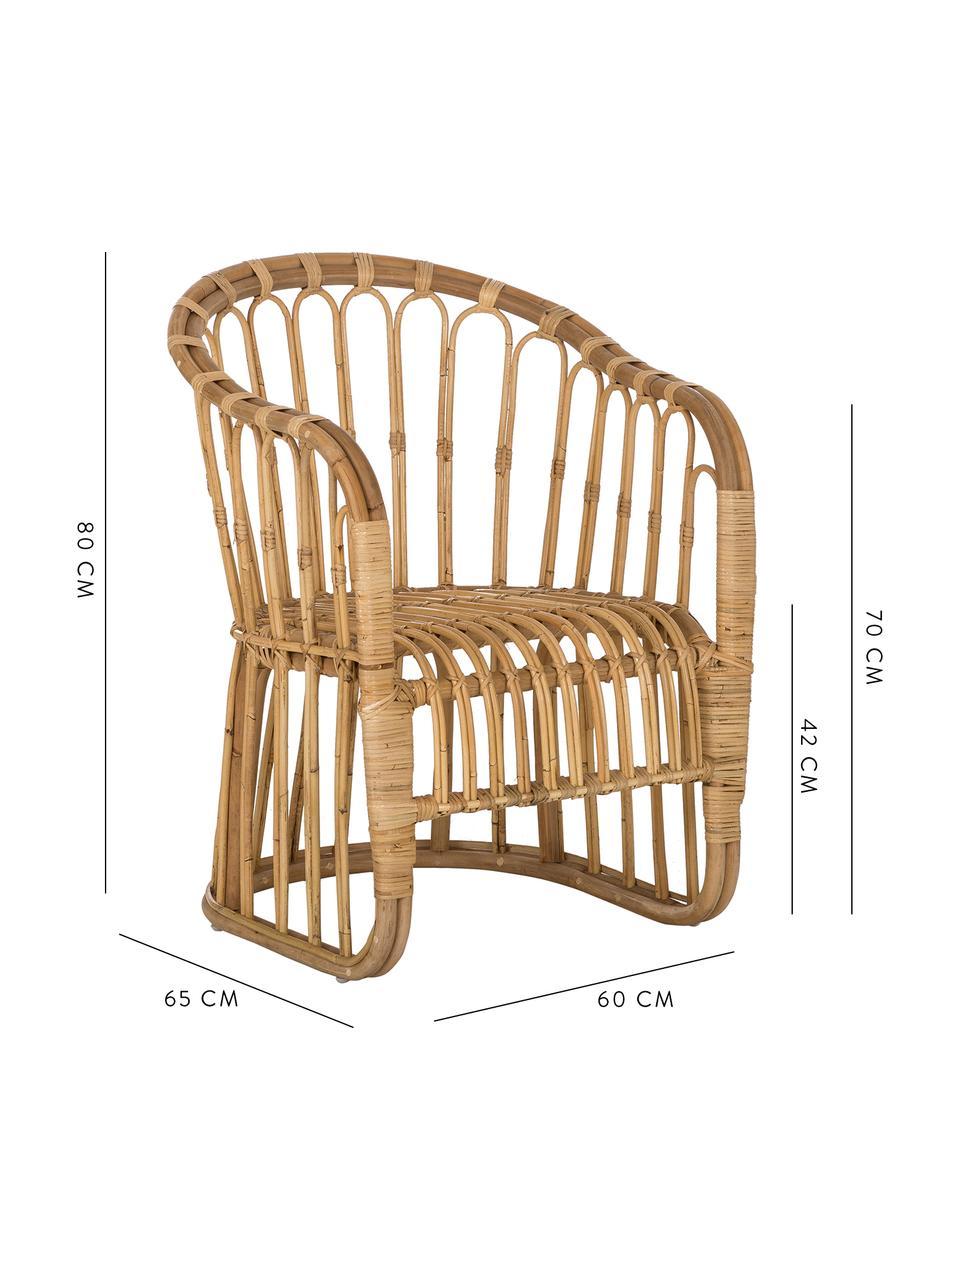 Rattan-Armlehnstuhl Palma, Rattan, Braun, B 60 x T 65 cm